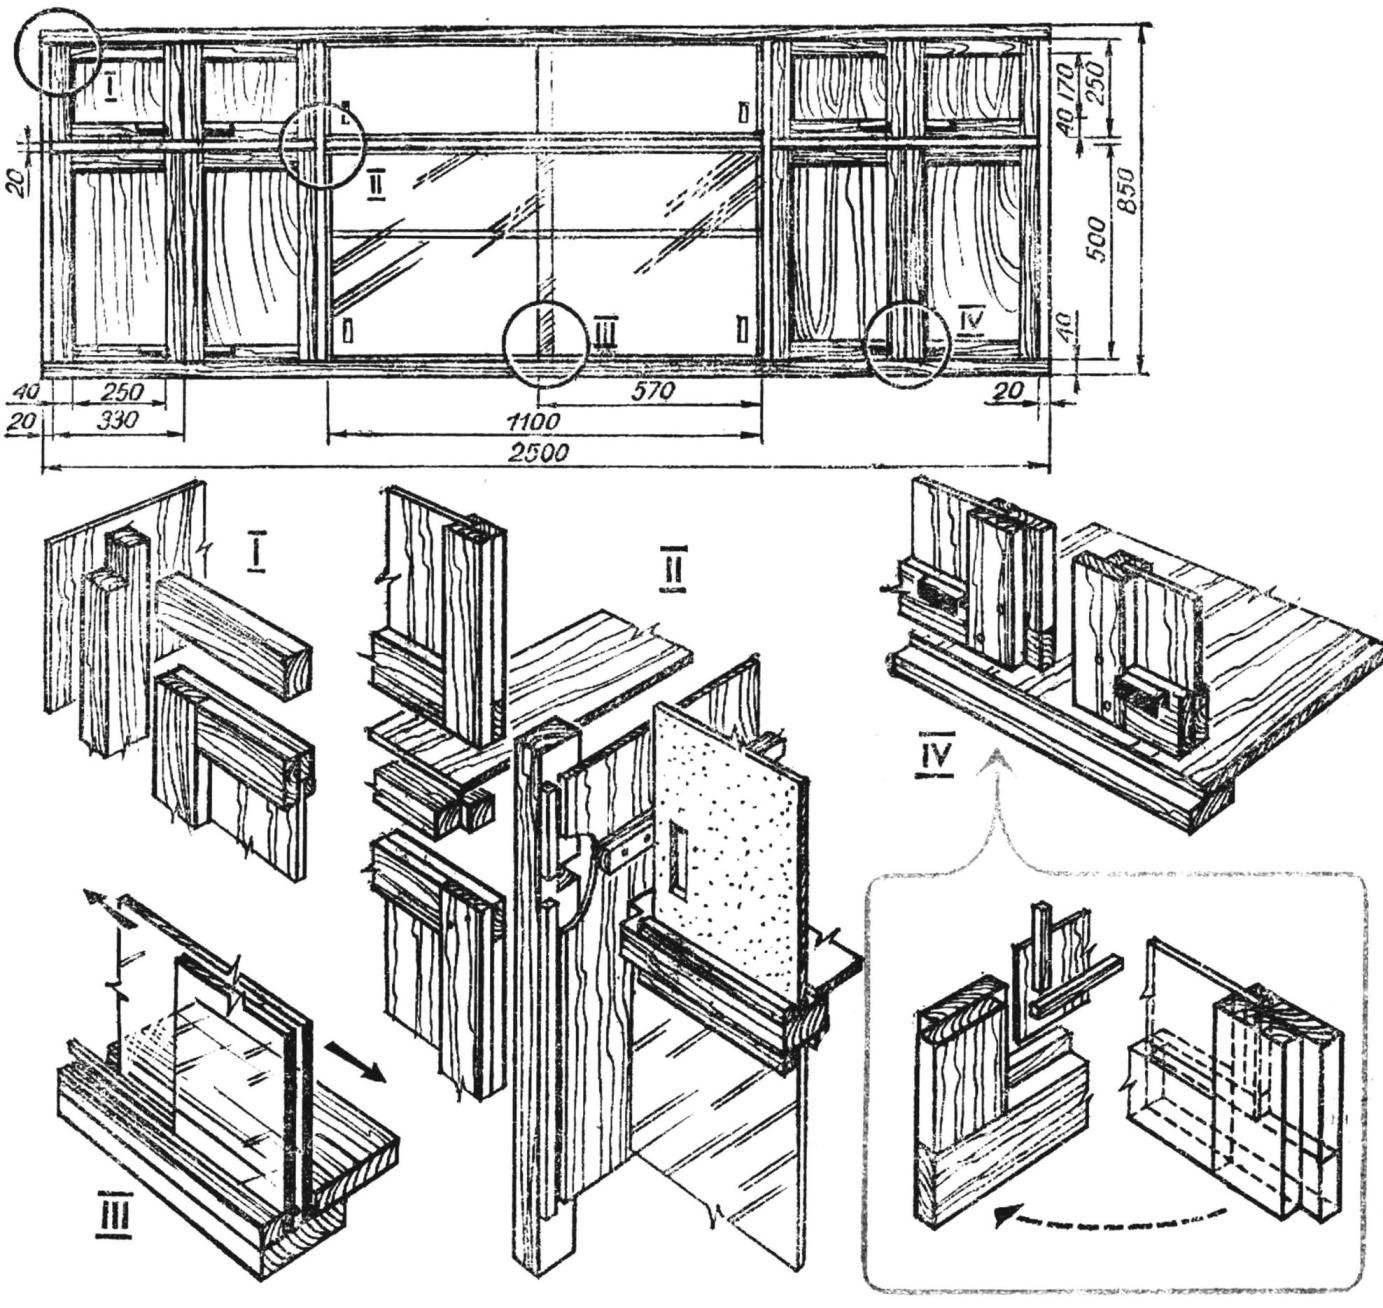 Рис. 2. Схема верхней, подвесной, части шкафа.